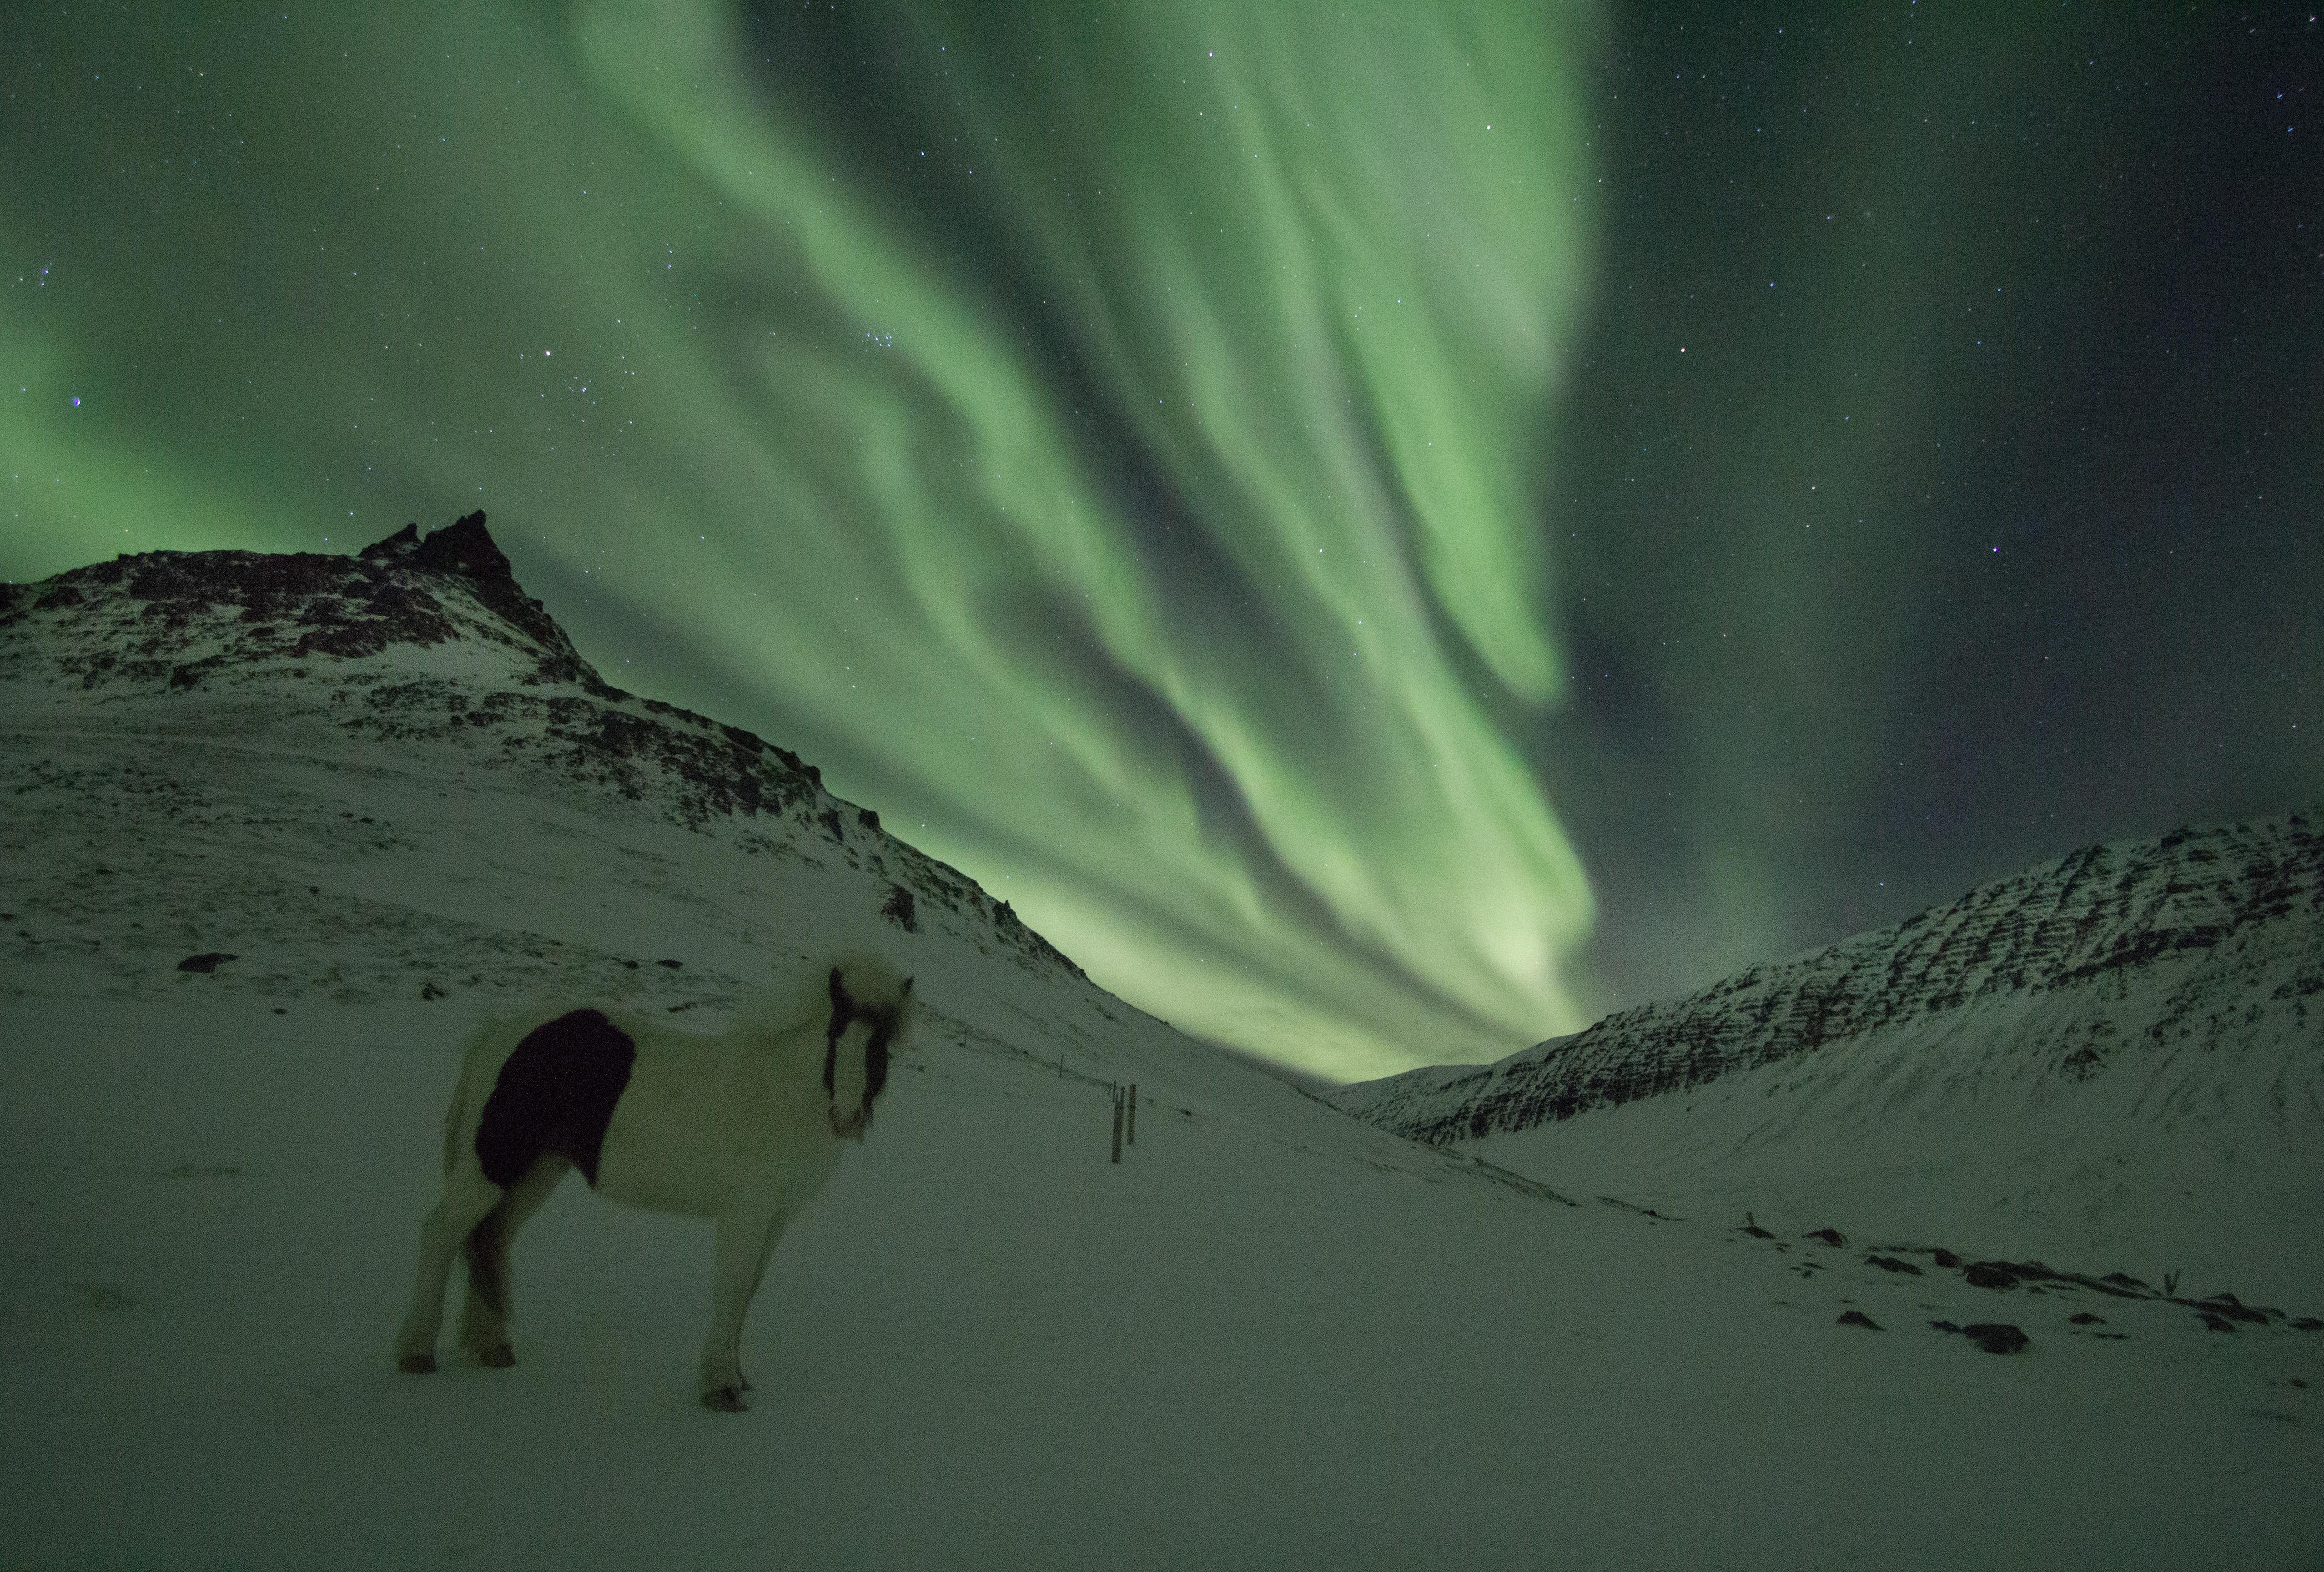 westfjords iceland northern lights - photo #23